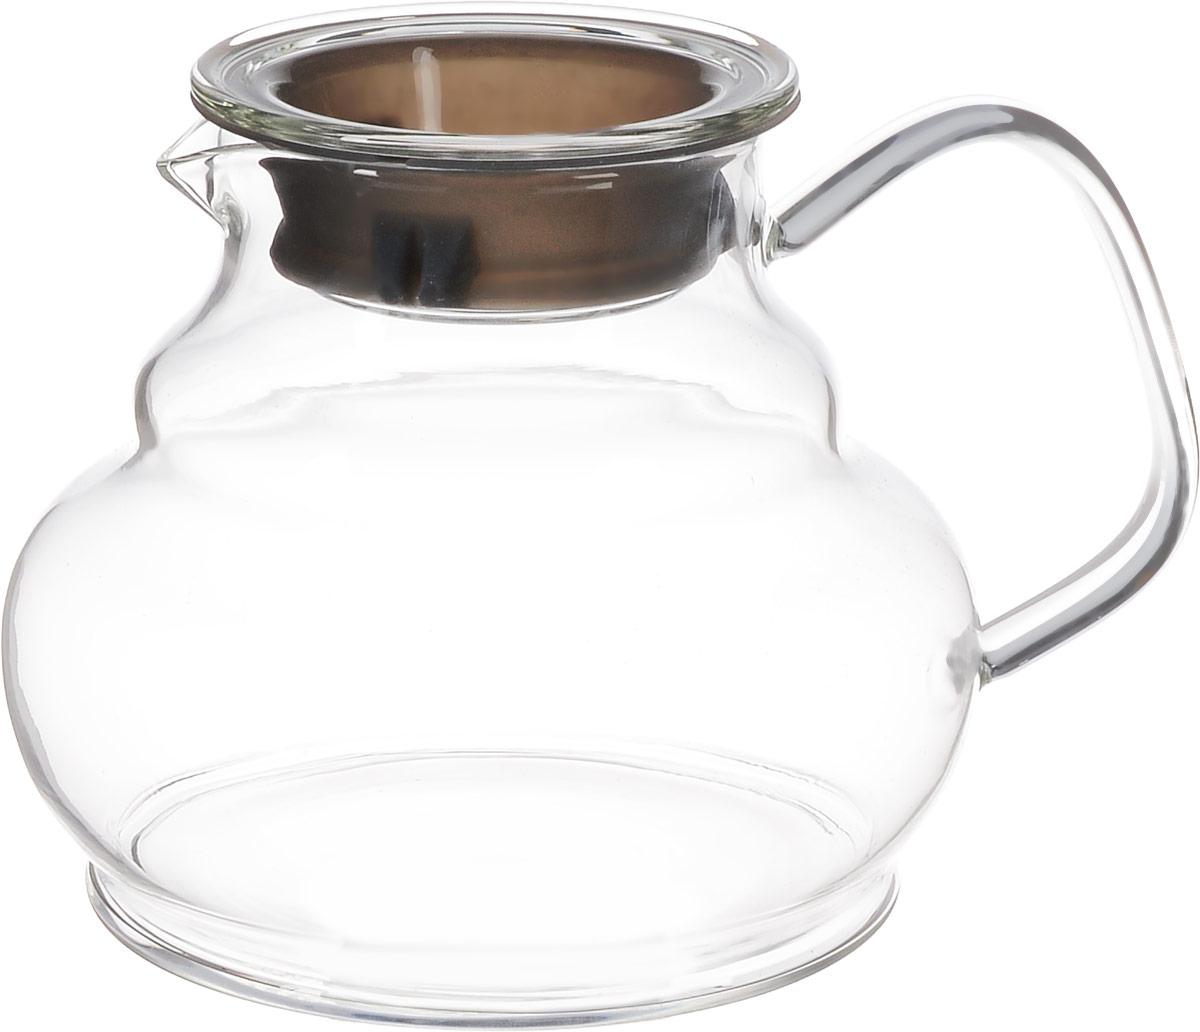 Чайник заварочный Hunan Provincial Мори, 900 мл54 009305Заварочный чайник Hunan Provincial Мори изготовлен из стекла. Этот чайник радует глаз своей оригинальной формой. Удобная ручка позволяет крепко держать чайник в руке. Крышка с силиконовой вставкой уберегает от ожогов.Диаметр чайника (по верхнему краю): 7,5 см.Высота чайника (без крышки): 11 см.